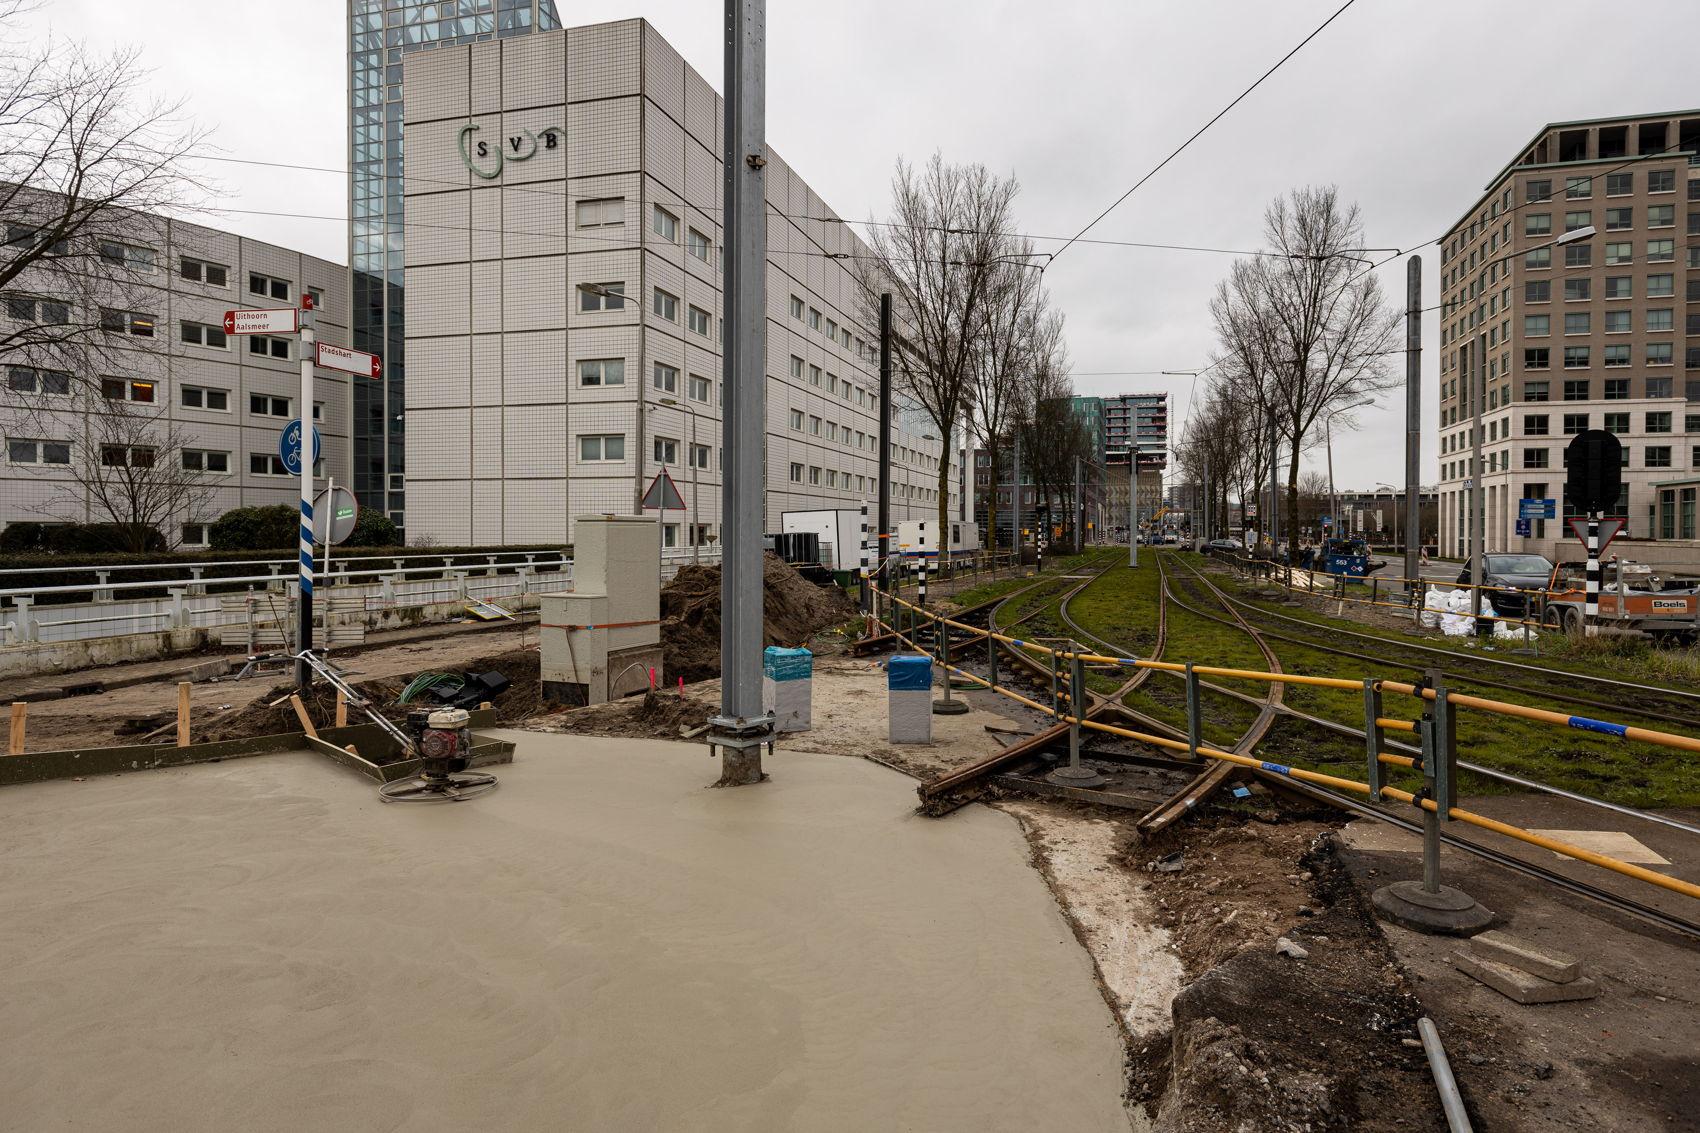 De nieuwe spoorboog richting het zuiden van Amstelveen is voor GVB handig om de dienstregeling van tram 5 makkelijker op te kunnen starten vanaf het nieuwe opstelterrein. Ook kan bij een calamiteit op het noordelijke traject tram 25 tijdelijk rijden tussen Westwijk en Stadshart.